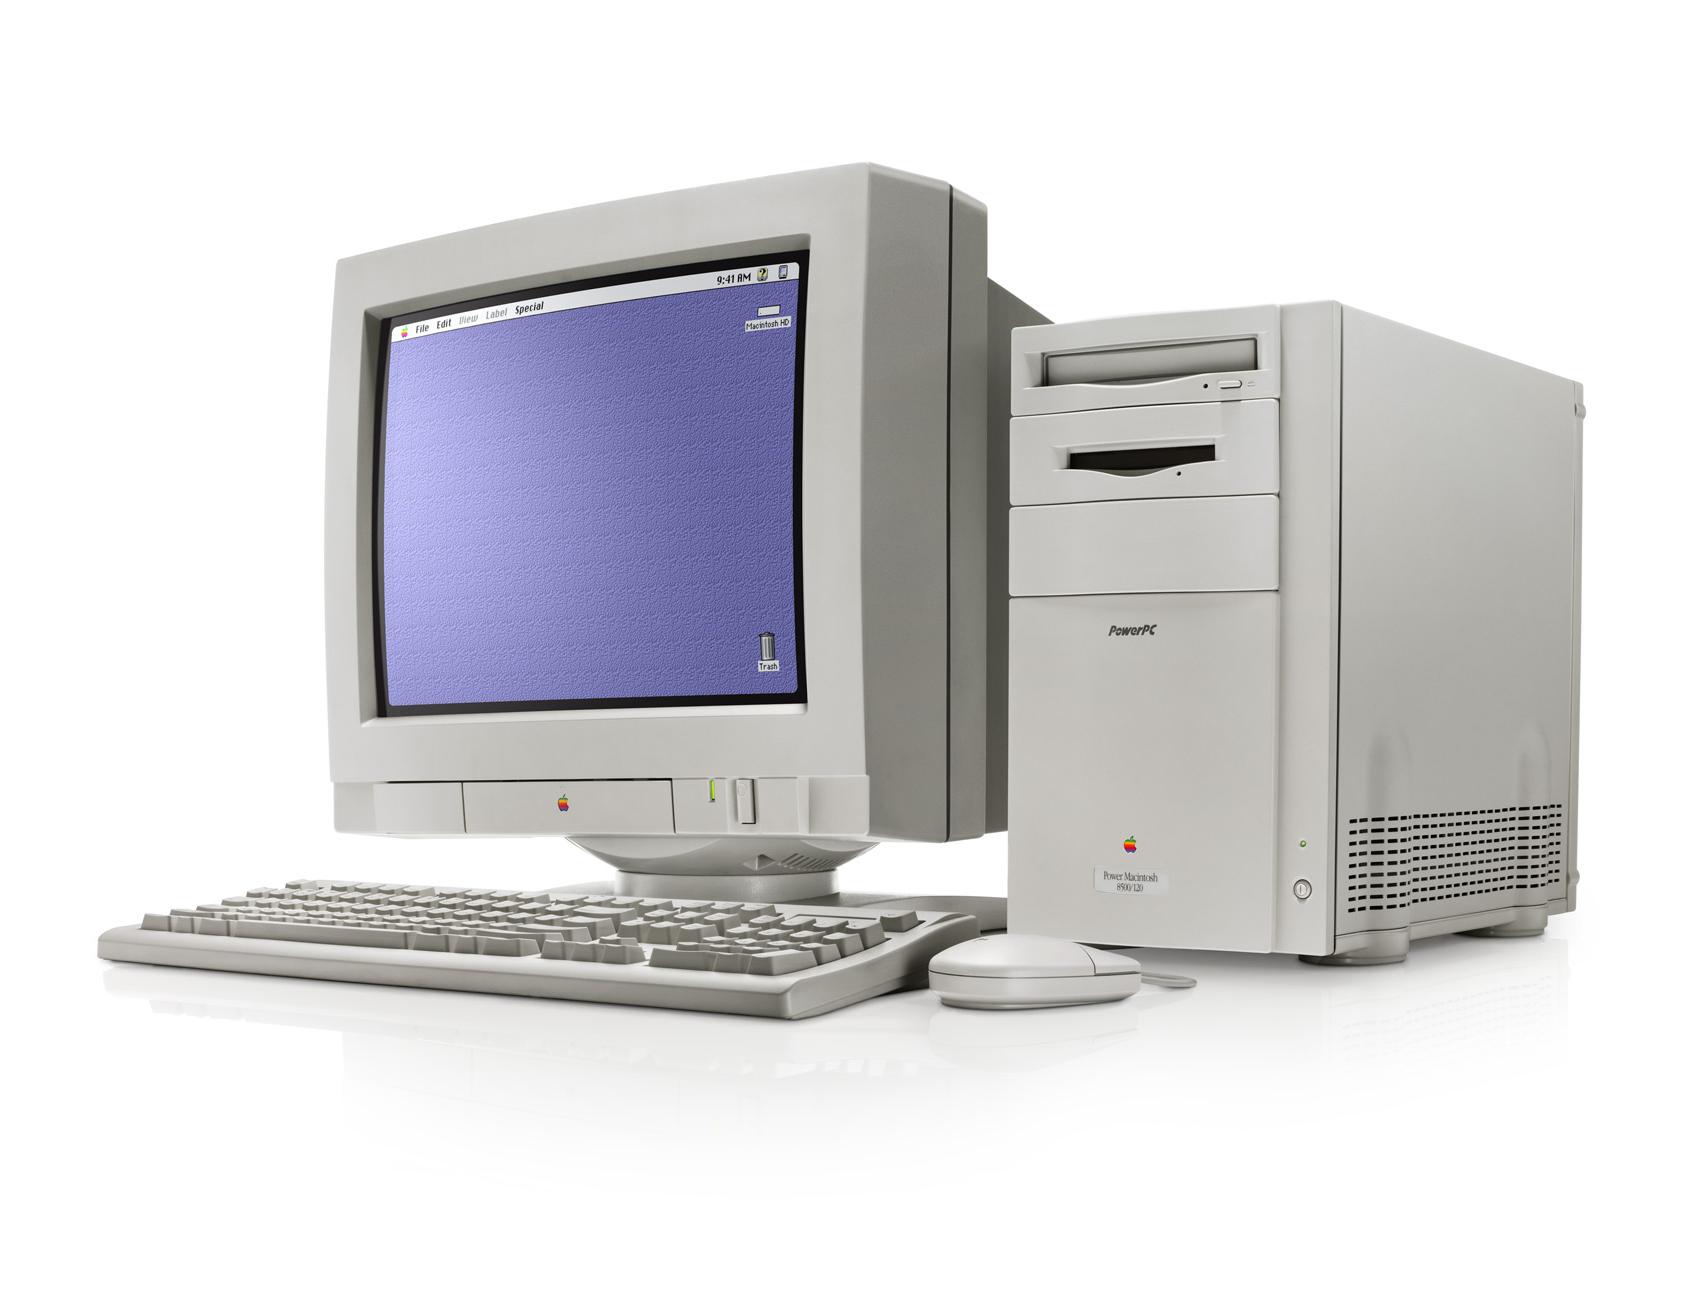 19950808_PowerMacintosh8500